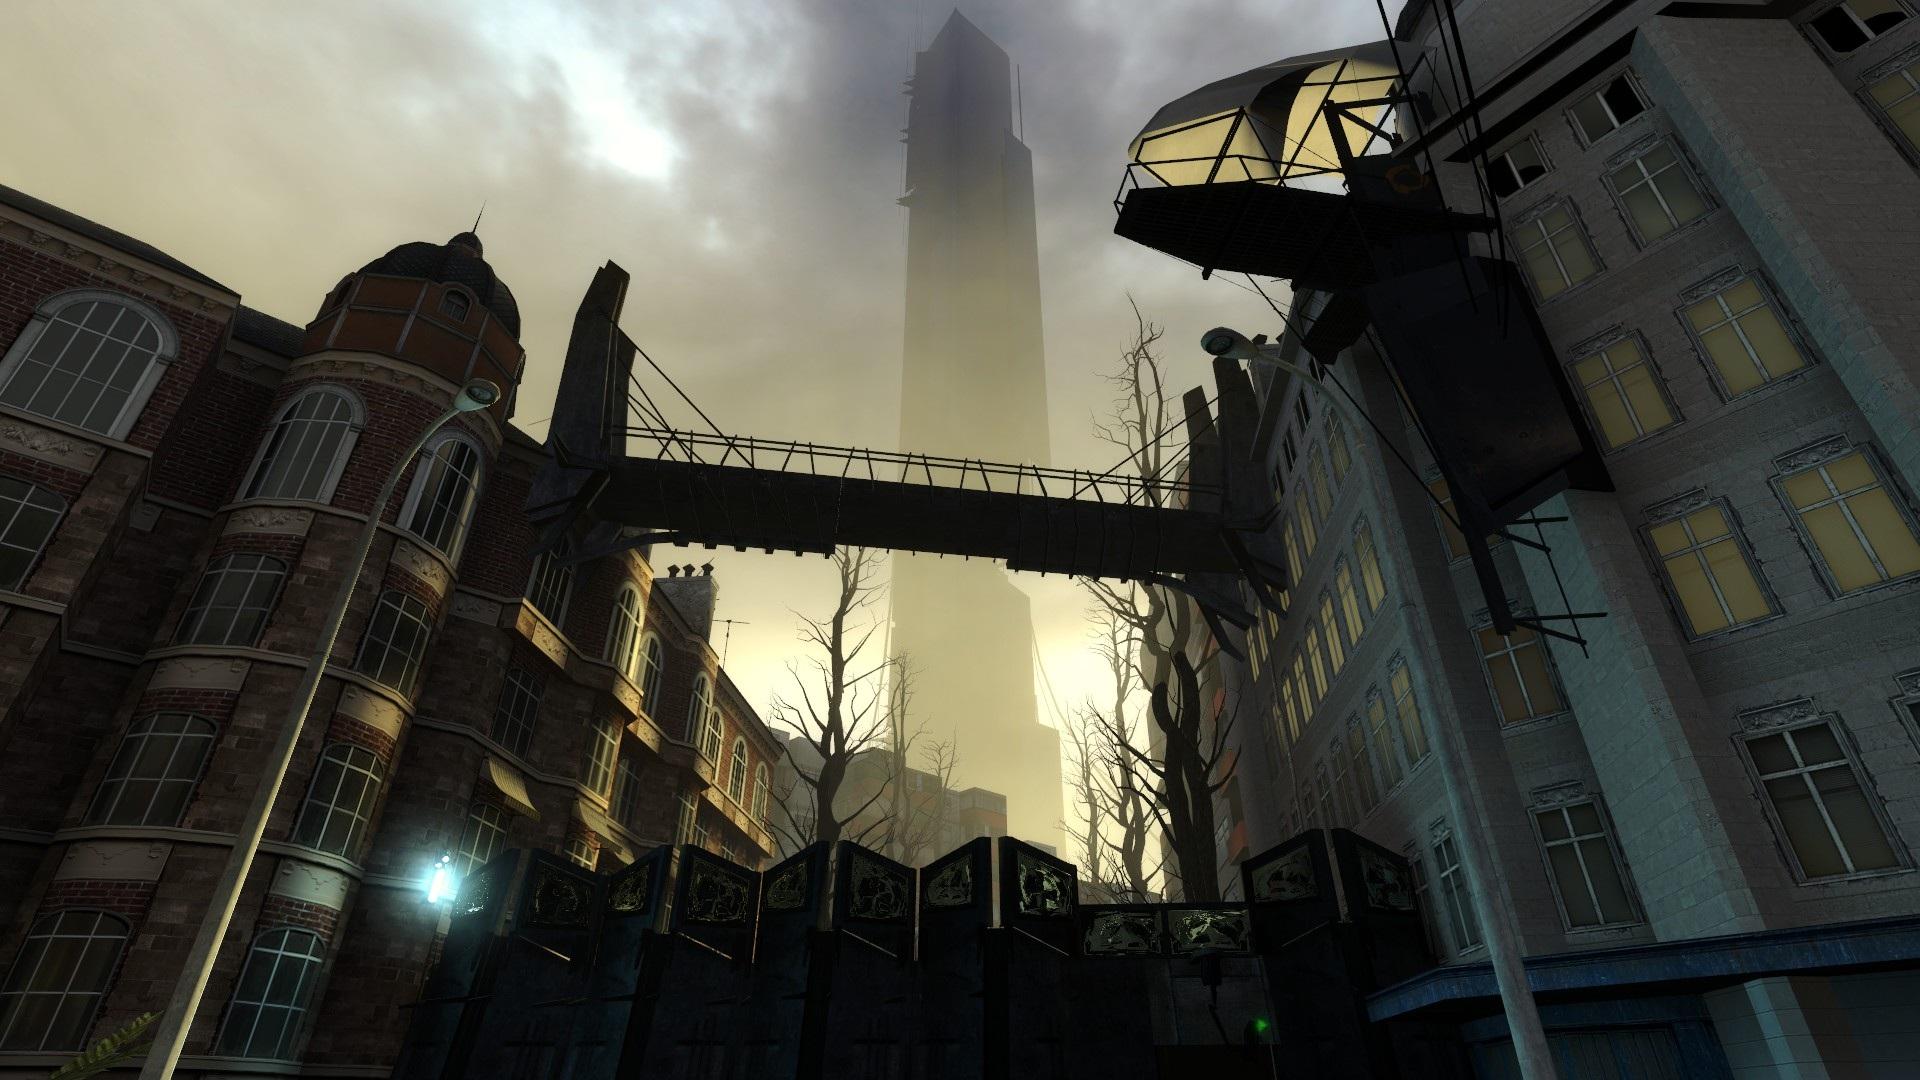 Half Life 2 Walpaper: Half-Life 2 Wallpaper 2 By K3Ck On DeviantArt